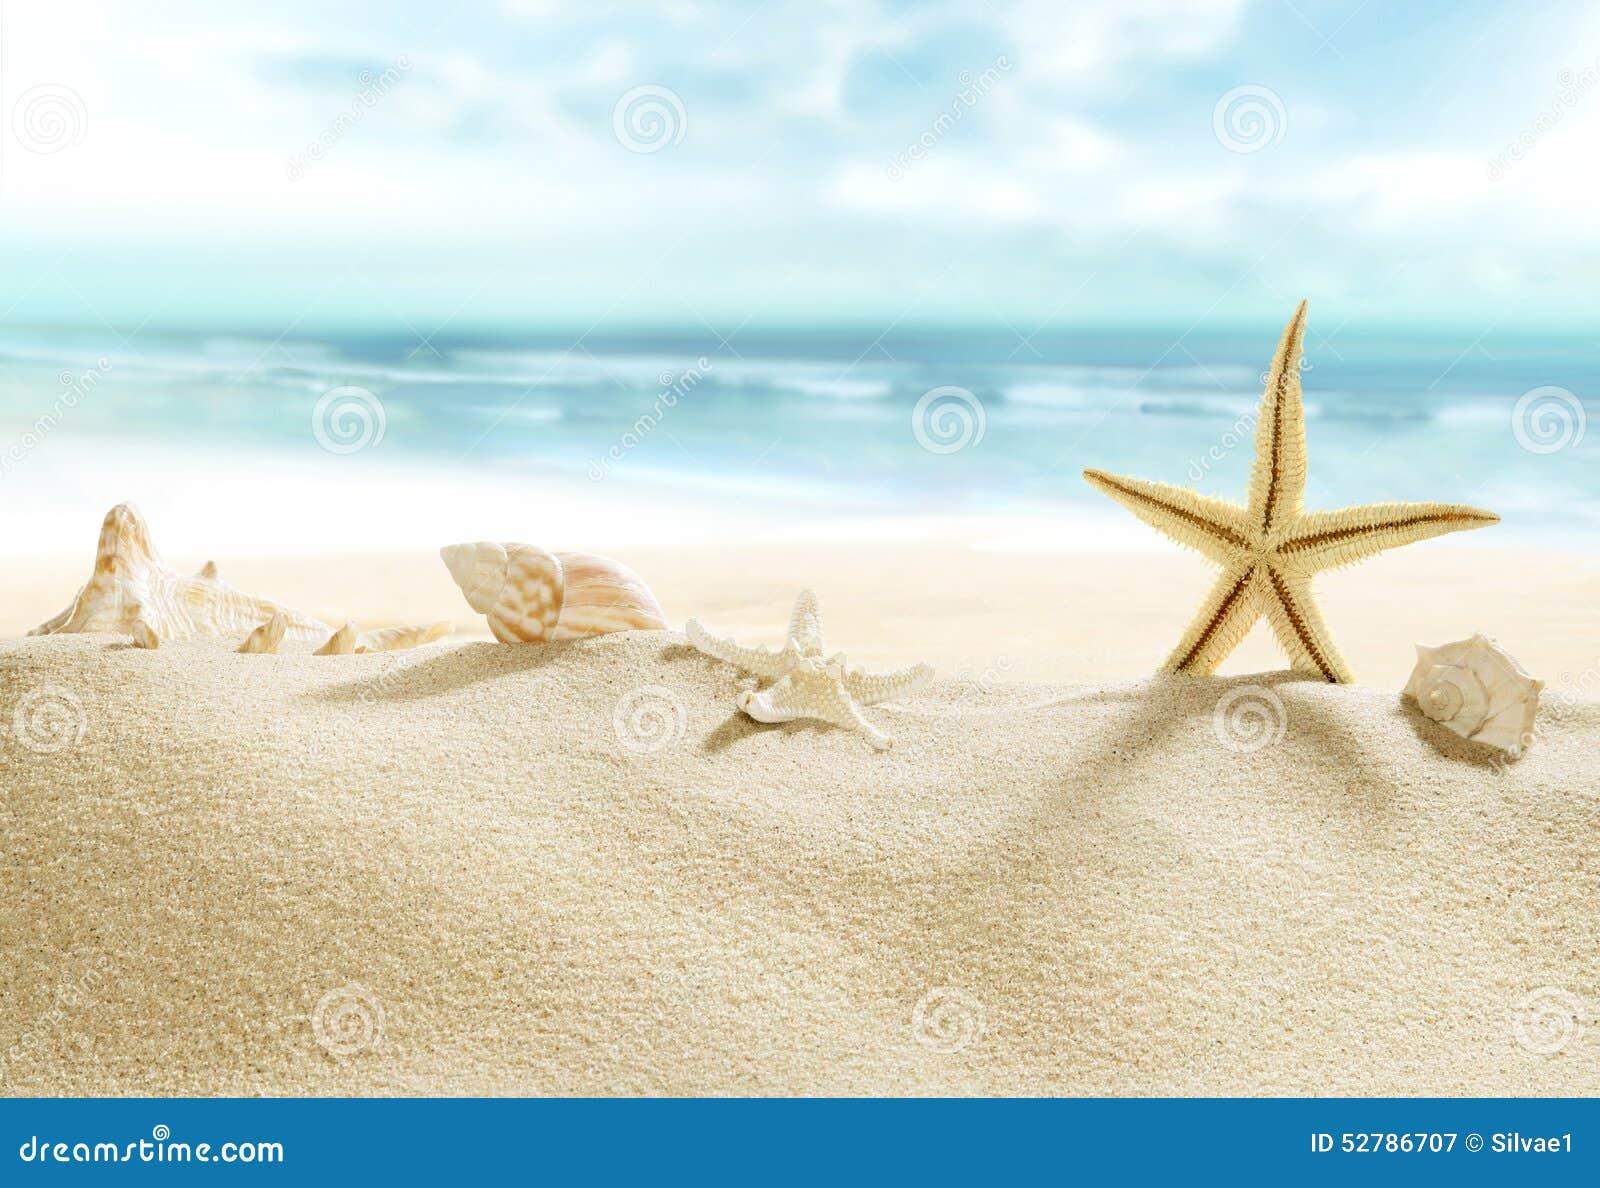 Coquilles sur la plage tropicale